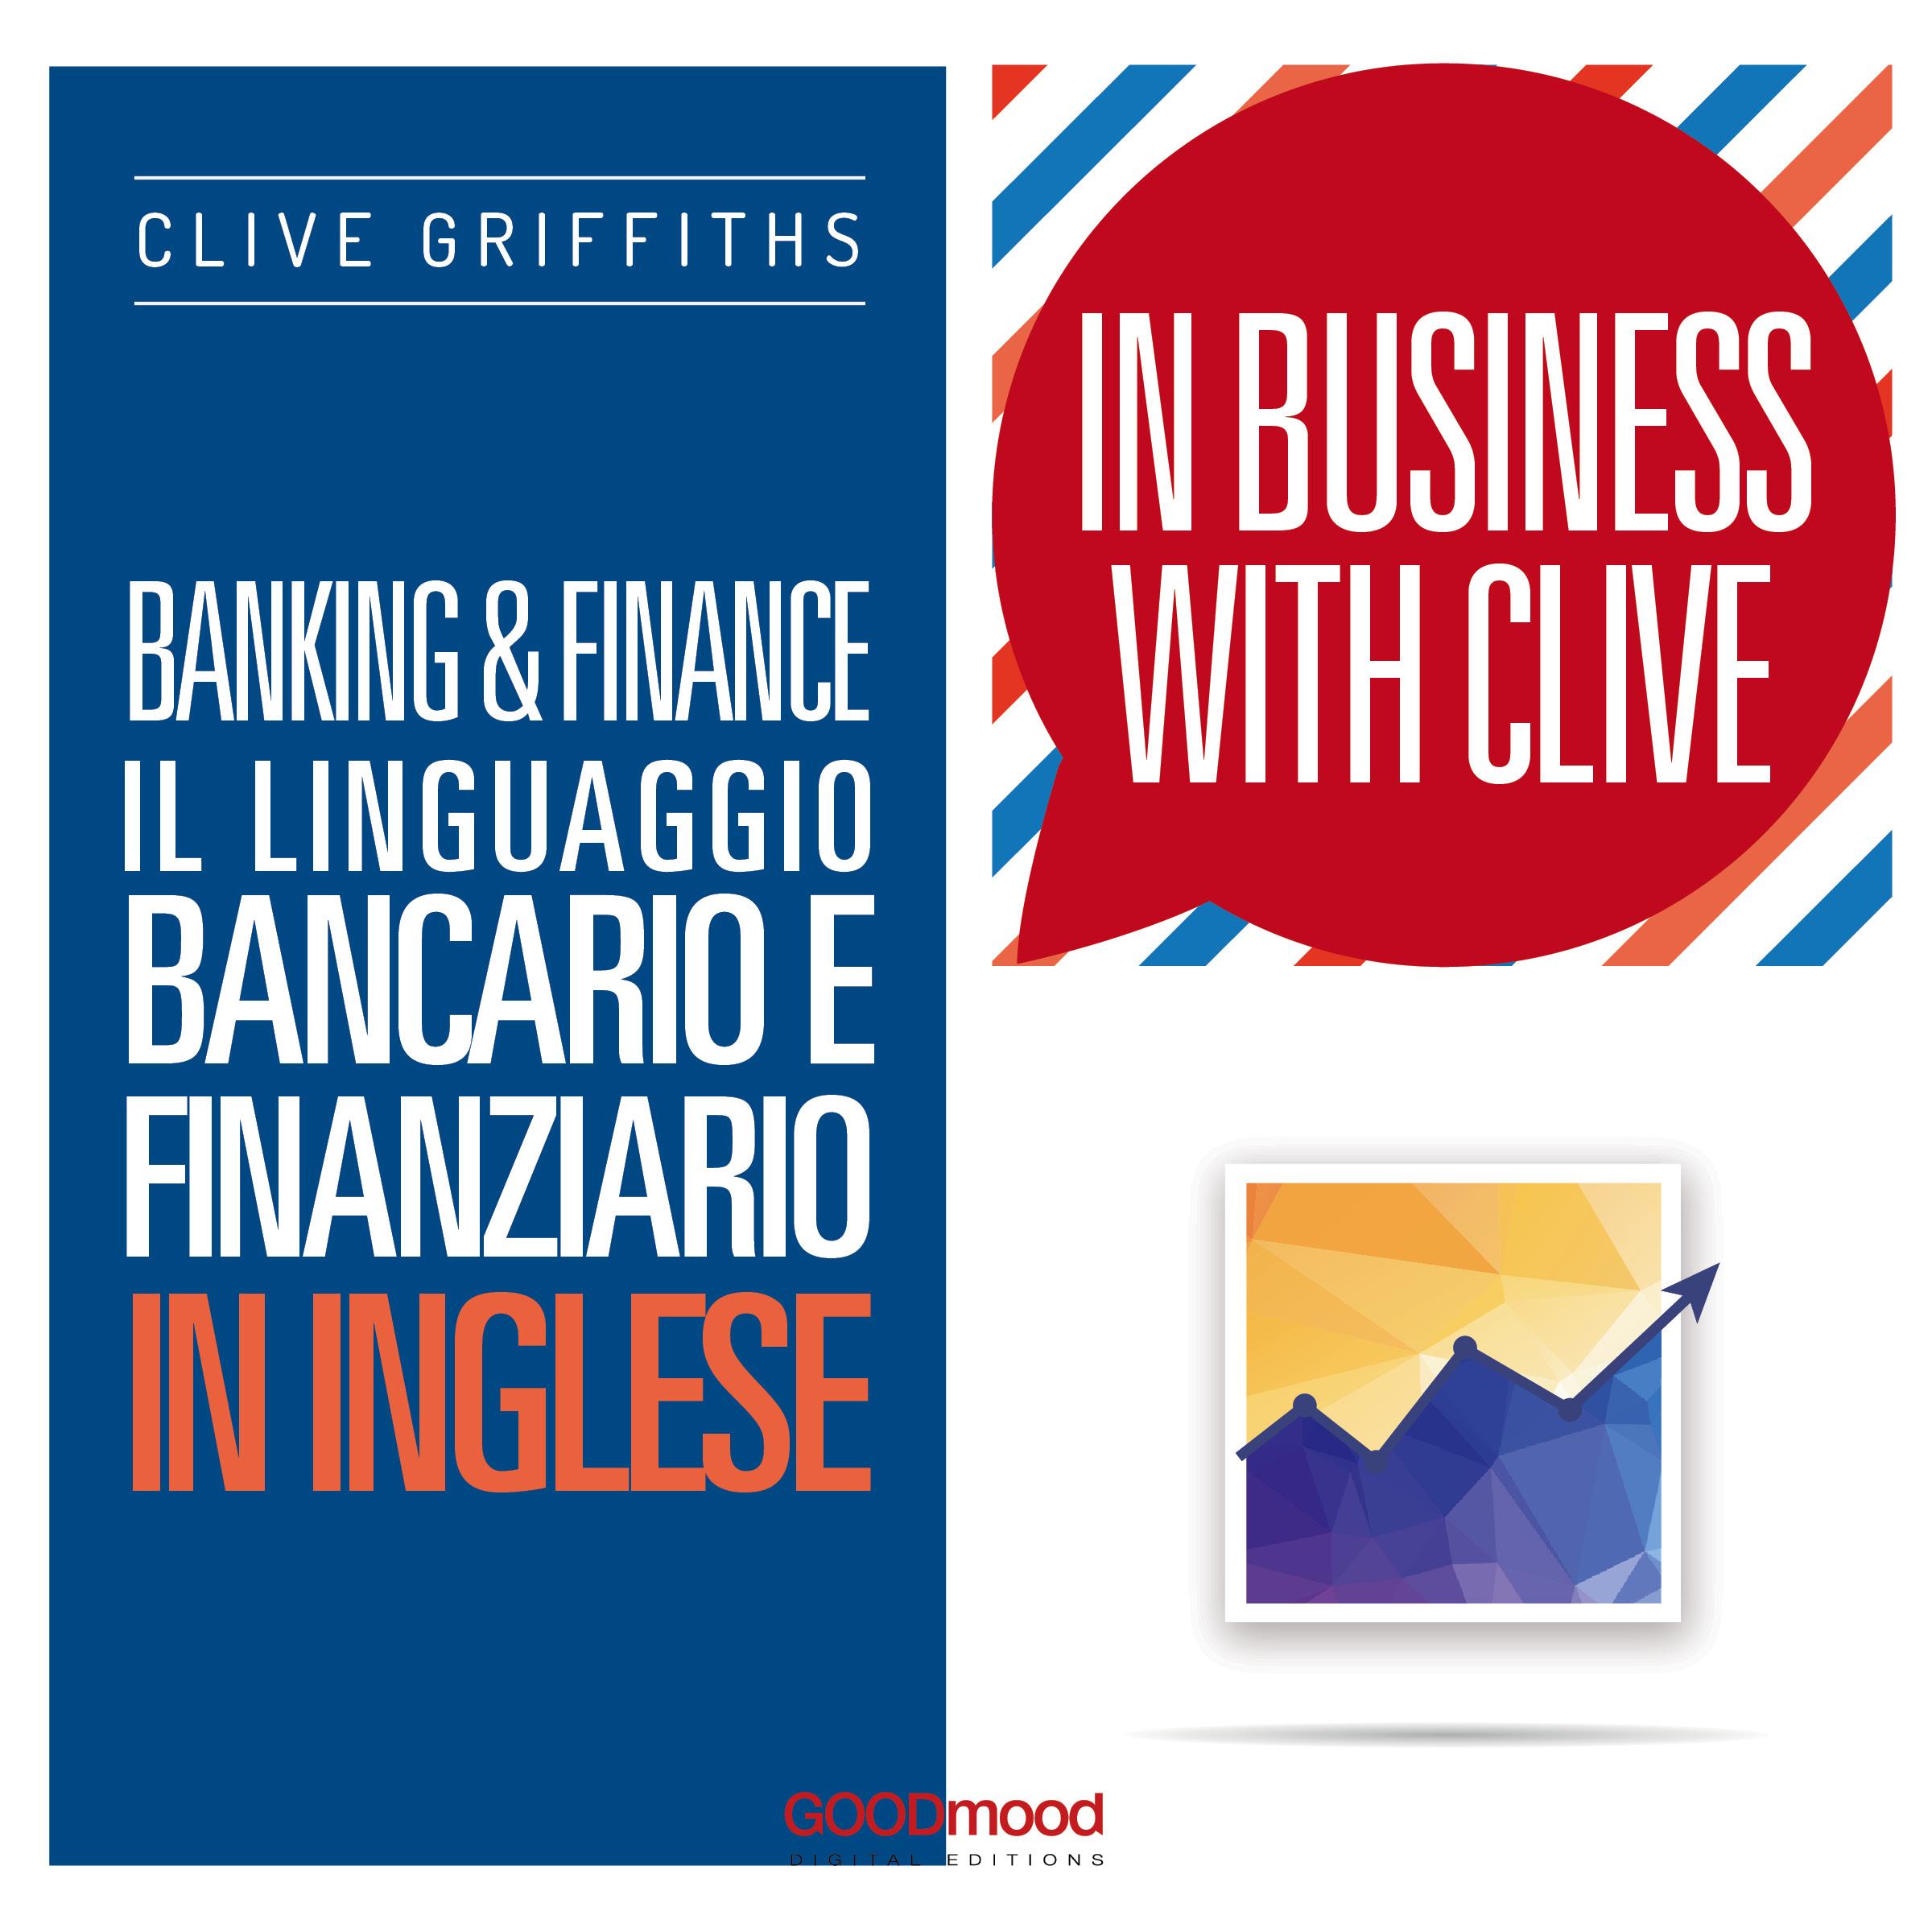 Banking & Finance. Il linguaggio bancario e finanziario in inglese.-0